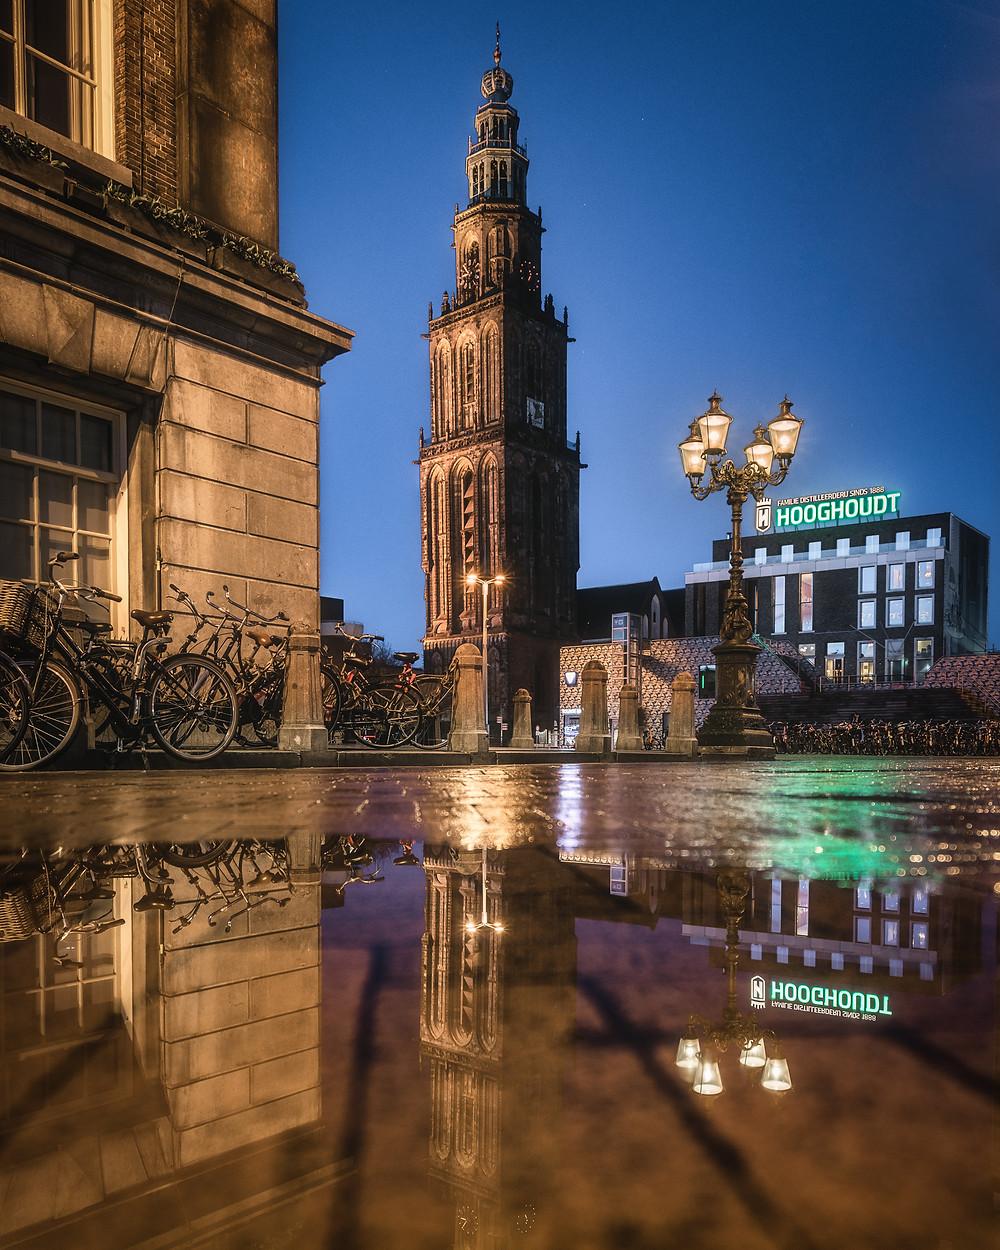 Martinitoren, Grote Markt, Groningen